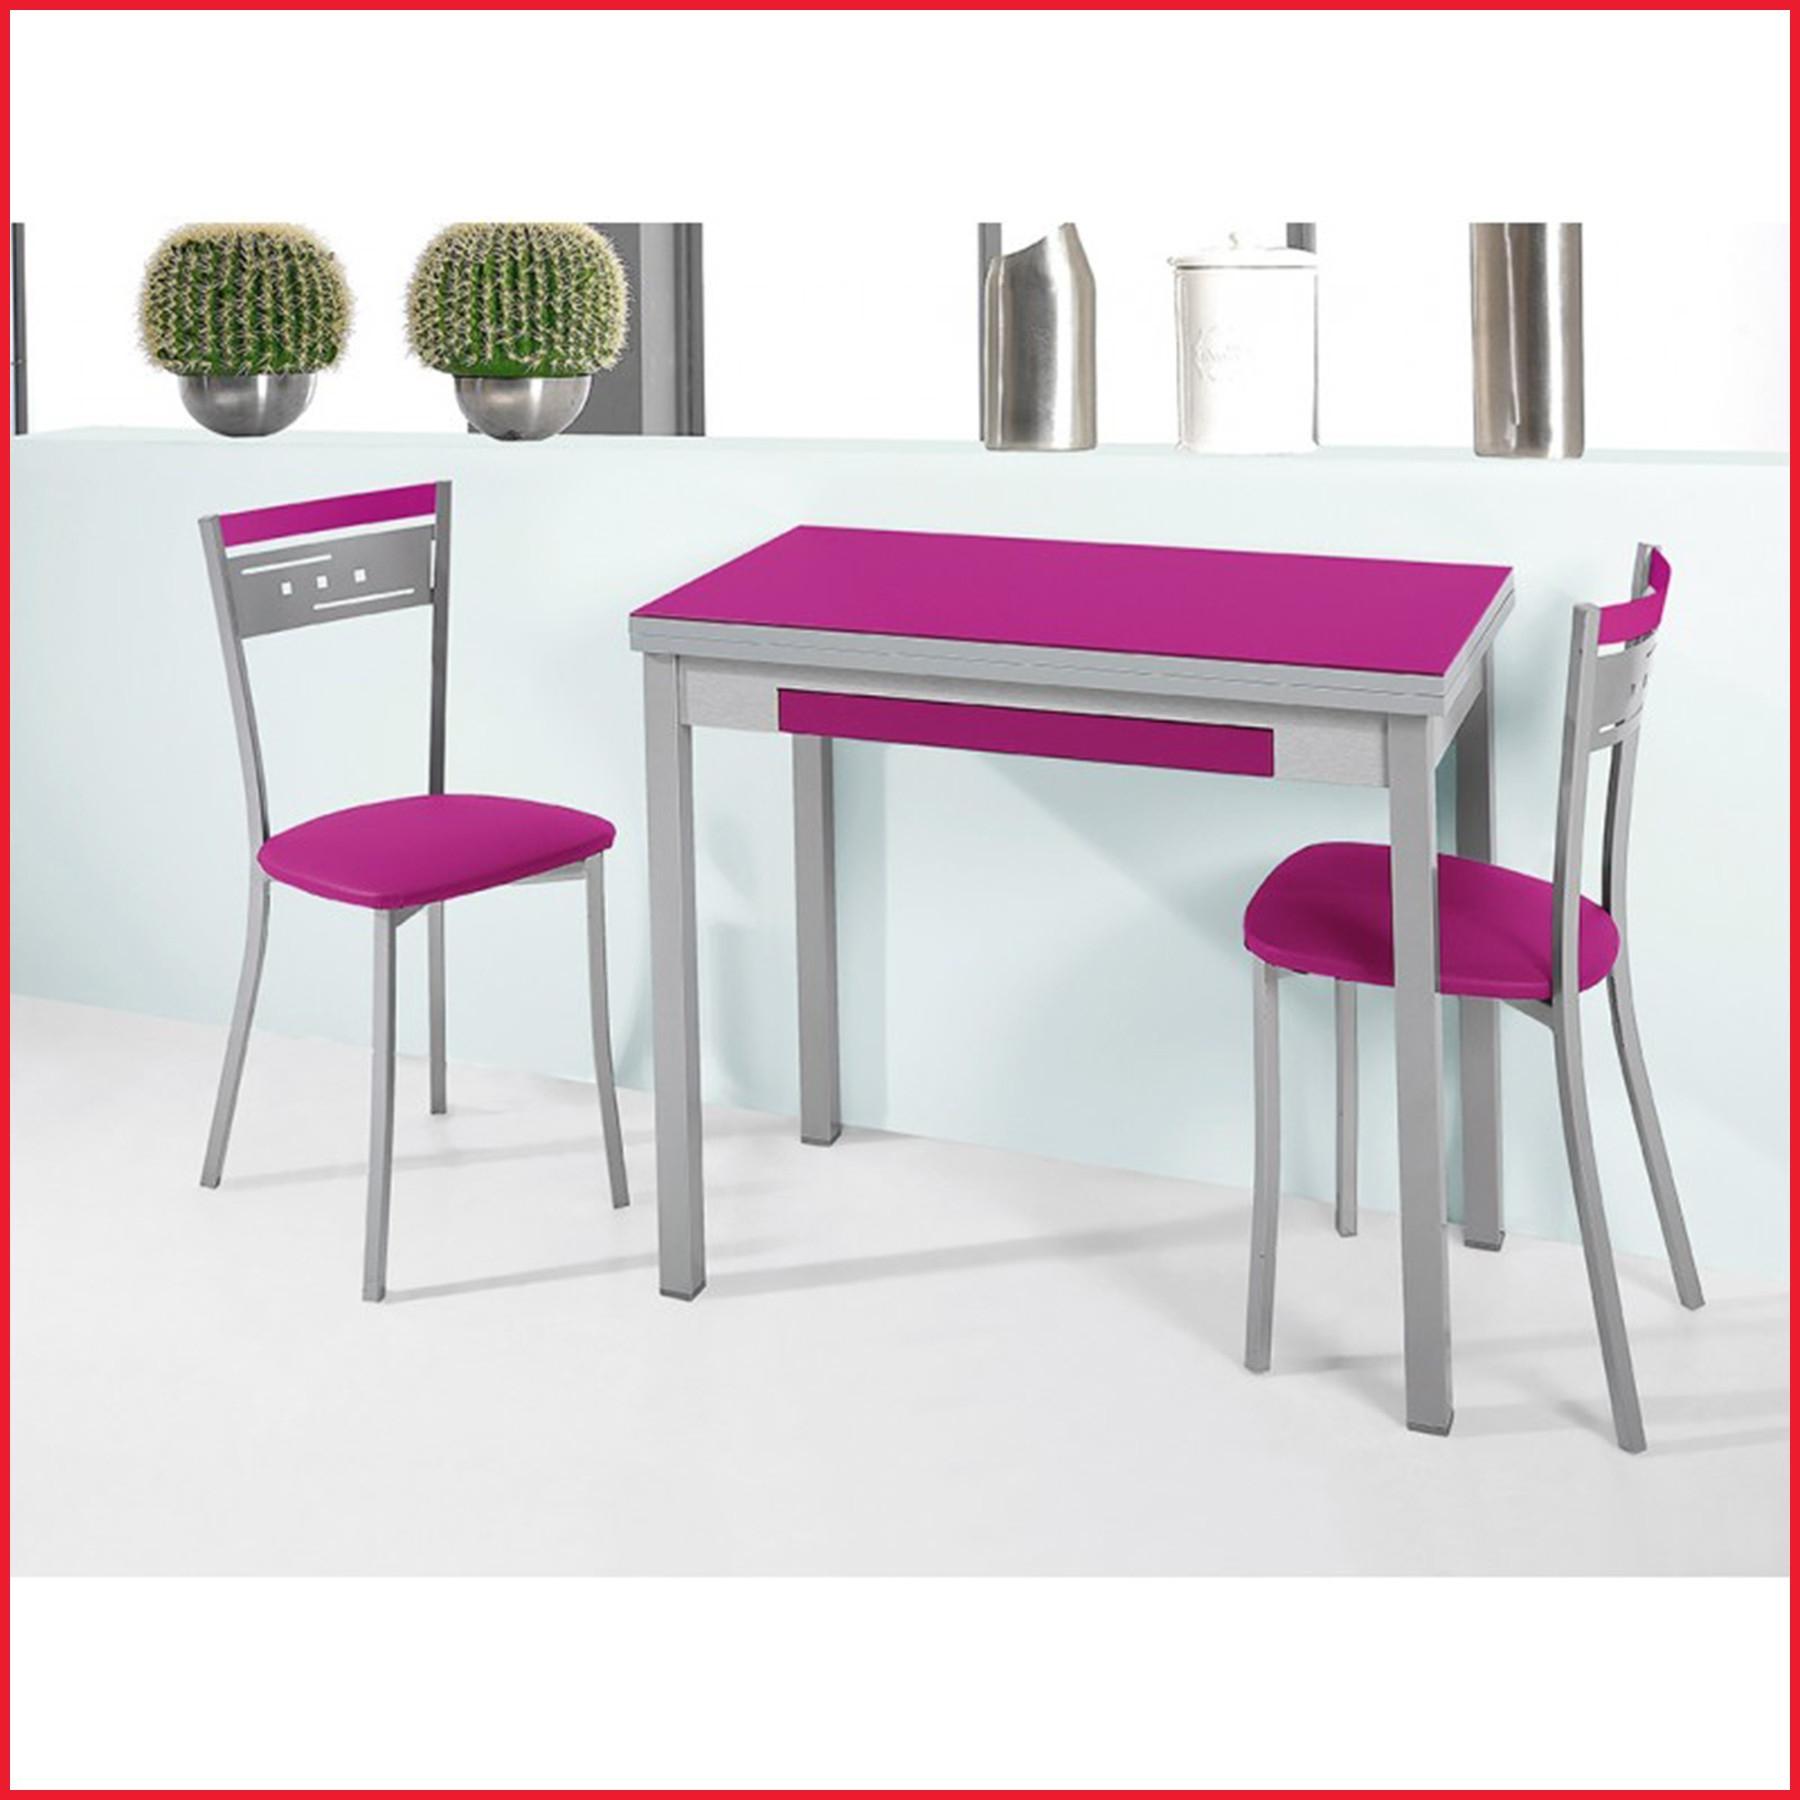 Mesas De Cocina Baratas Q5df Mesas De Cocina Muebles Baratos Online ...